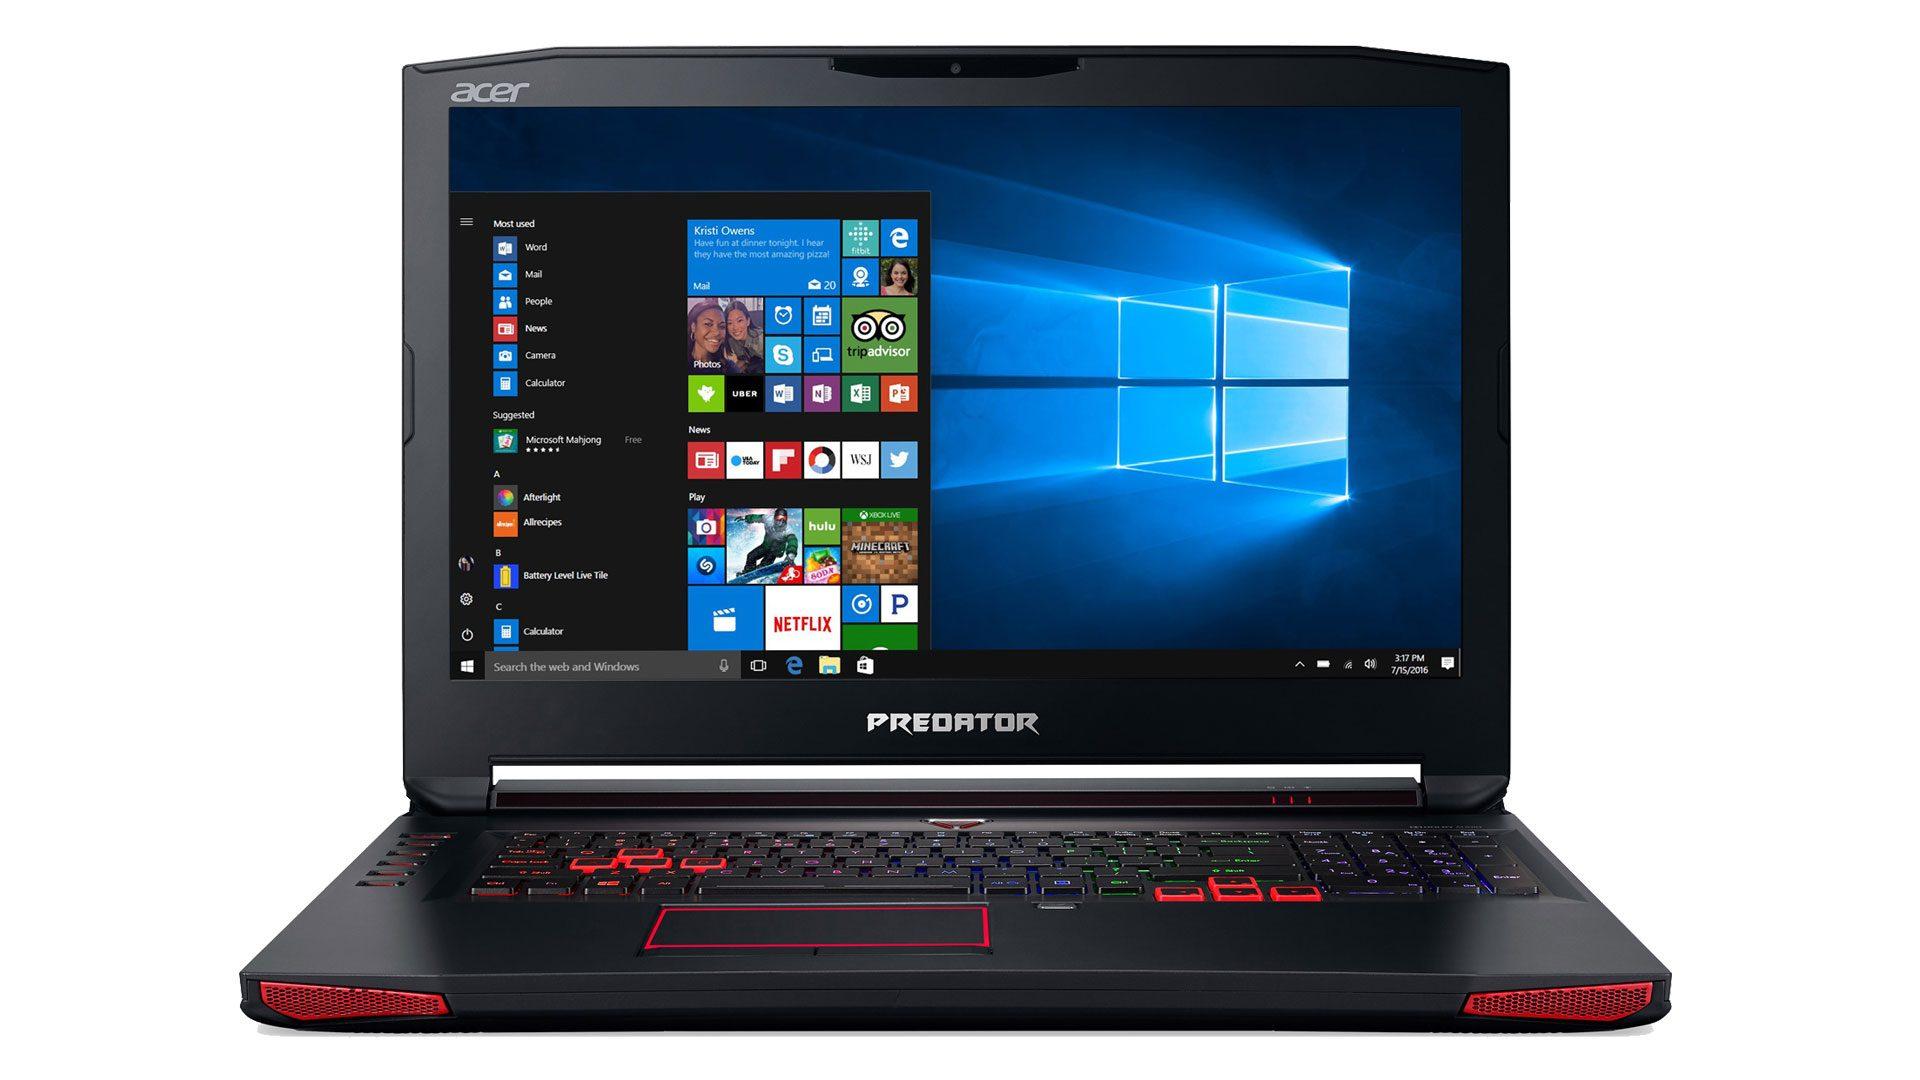 Acer-Predator-17-G9-793-718K_Ansicht-1